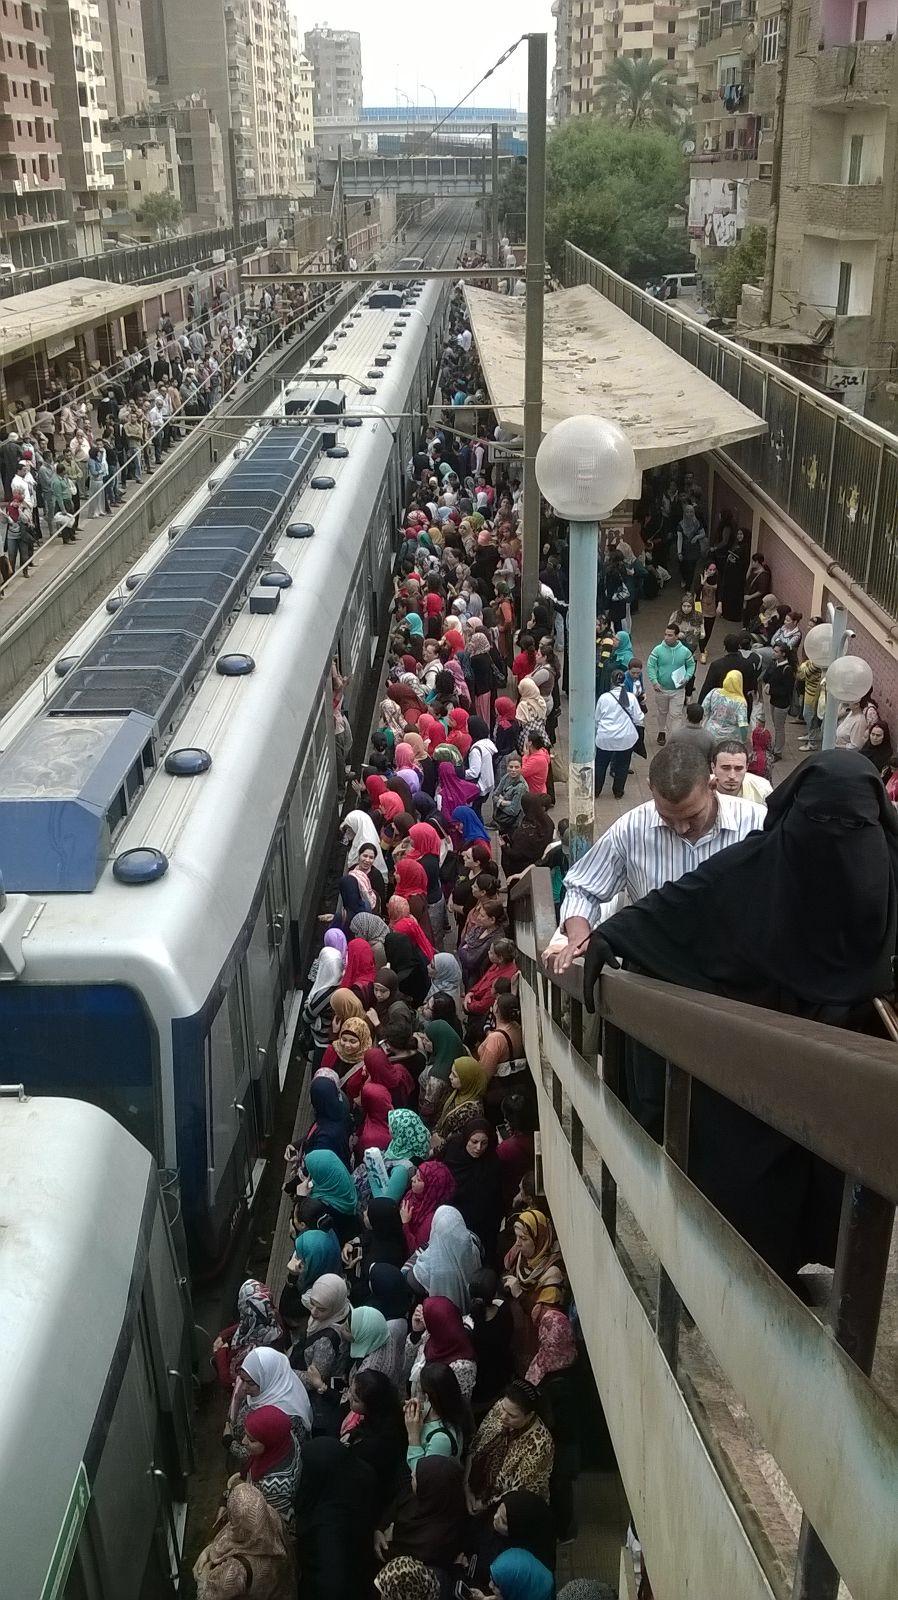 بالصور.. زحام في مترو عزبة النخل.. وحدوث حالات إغماء